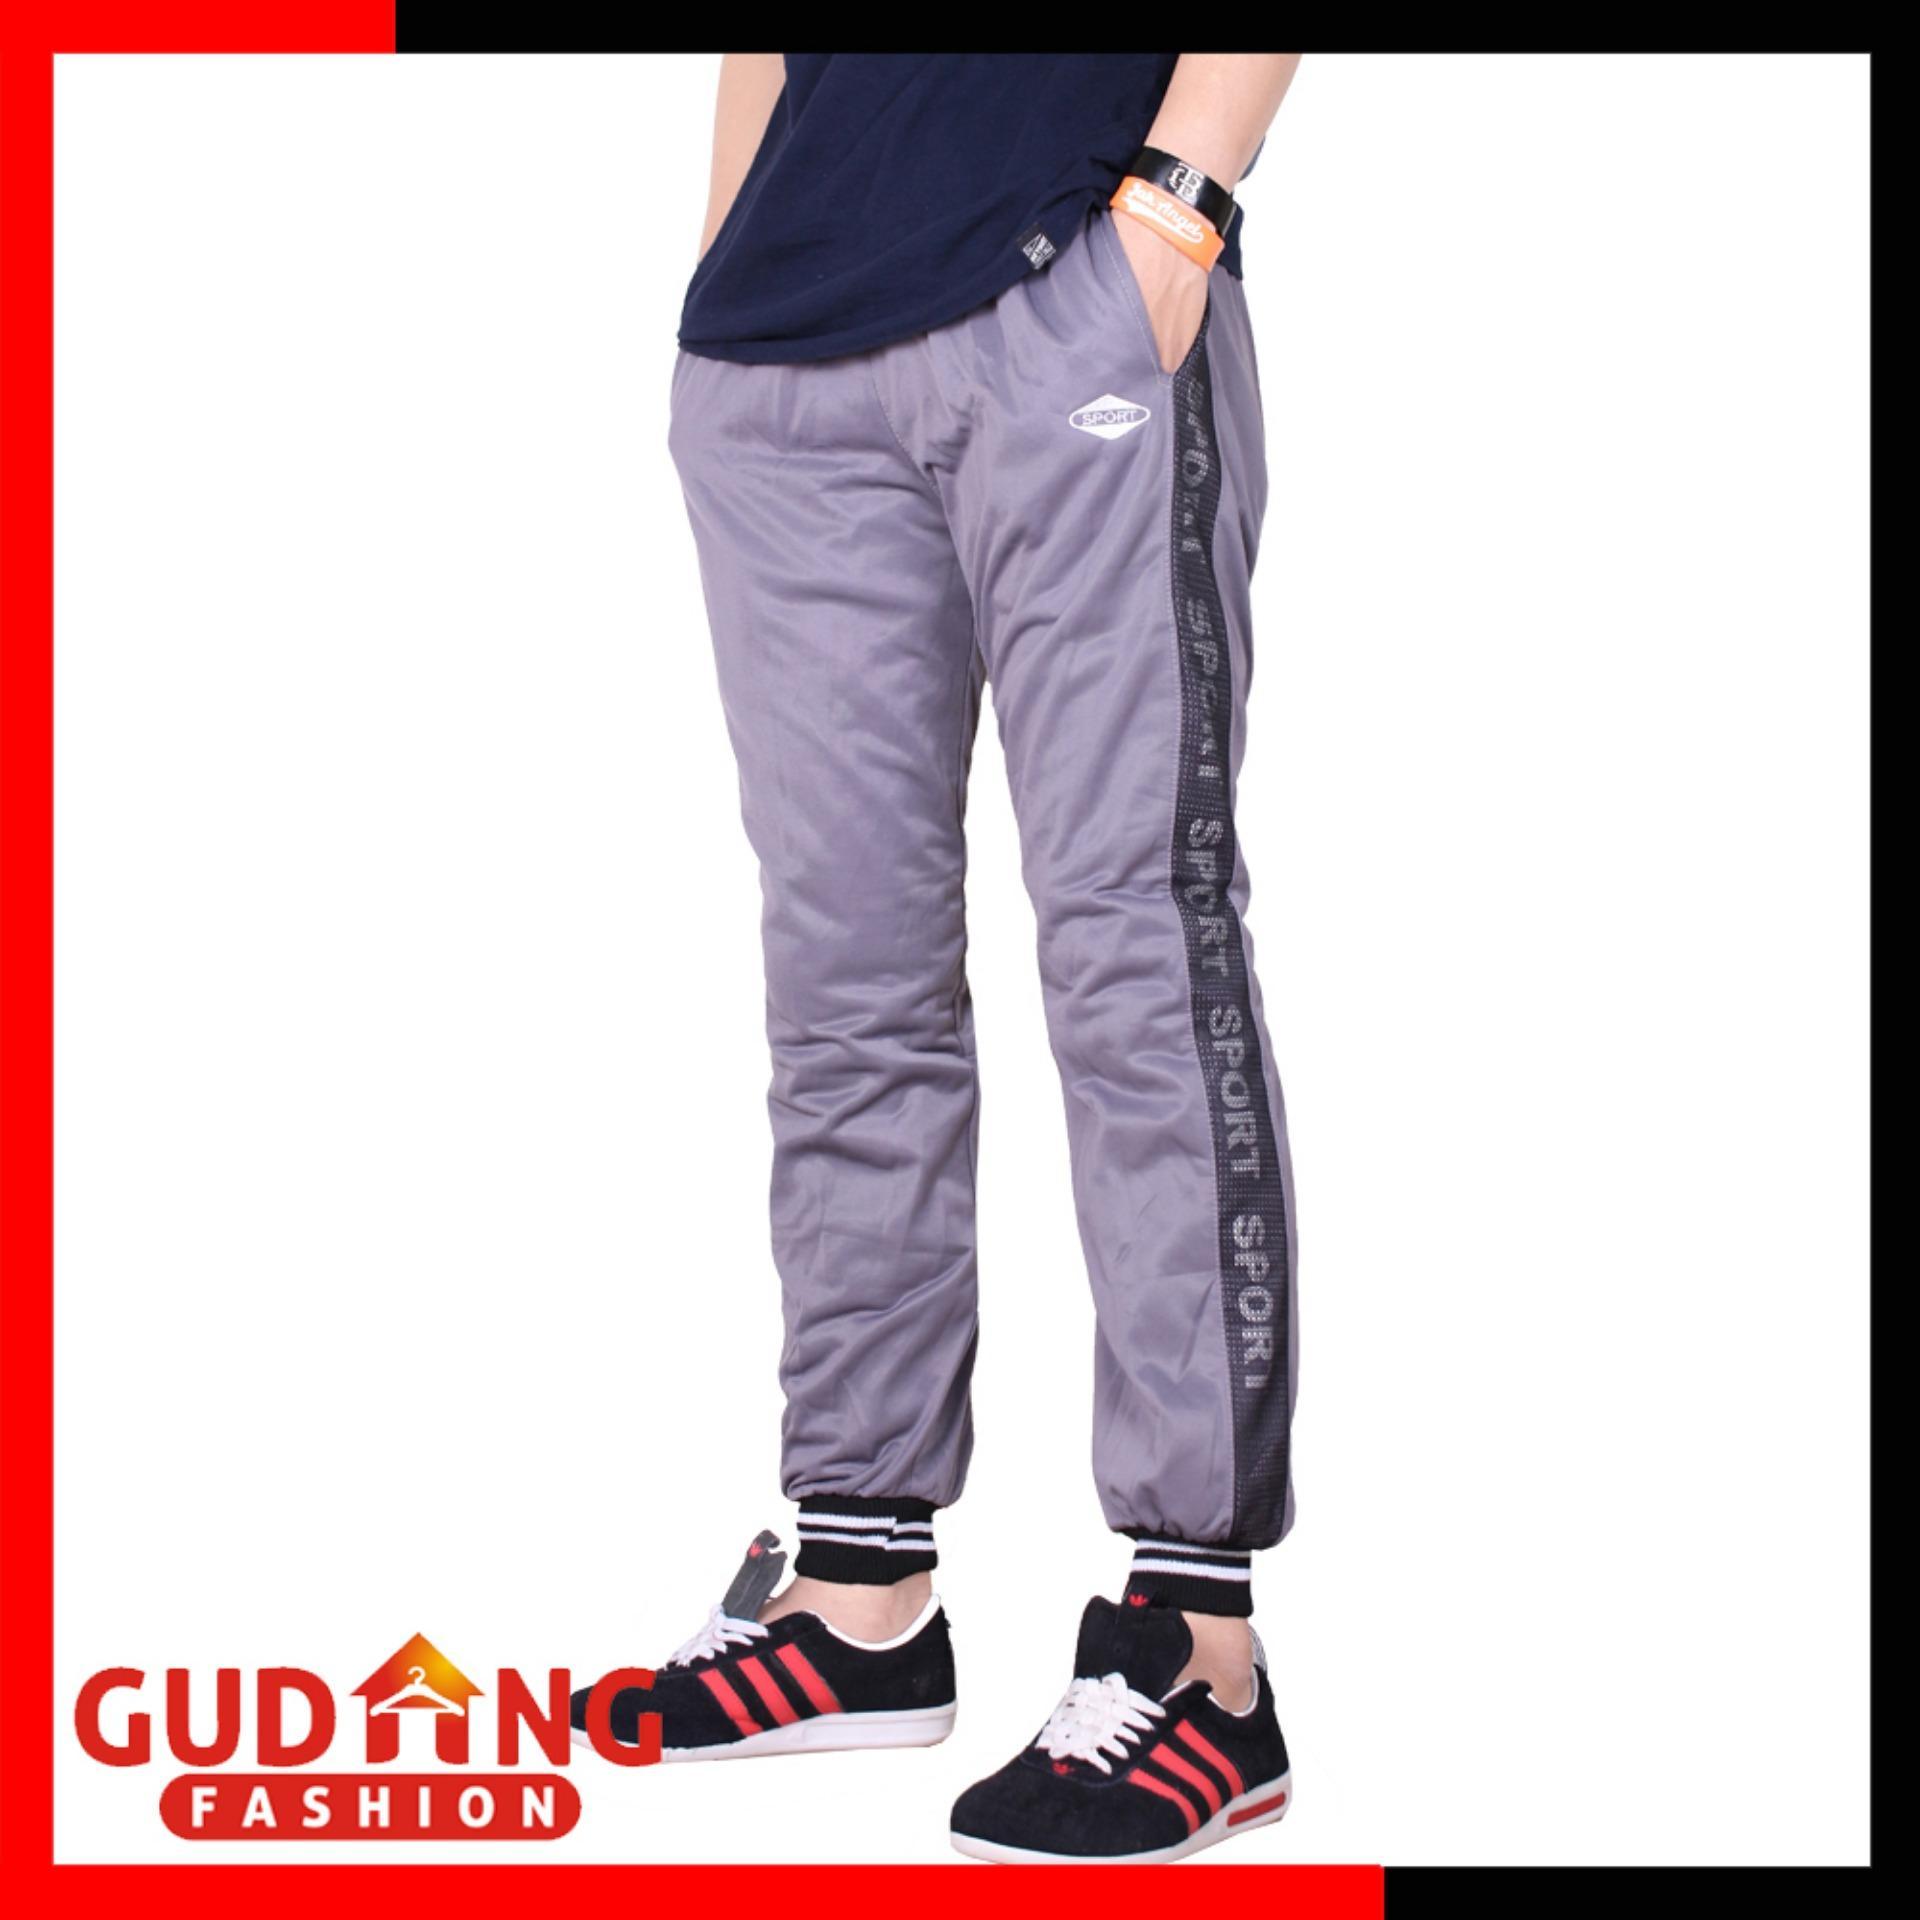 Gudang Fashion - Celana Training Casual - Abu